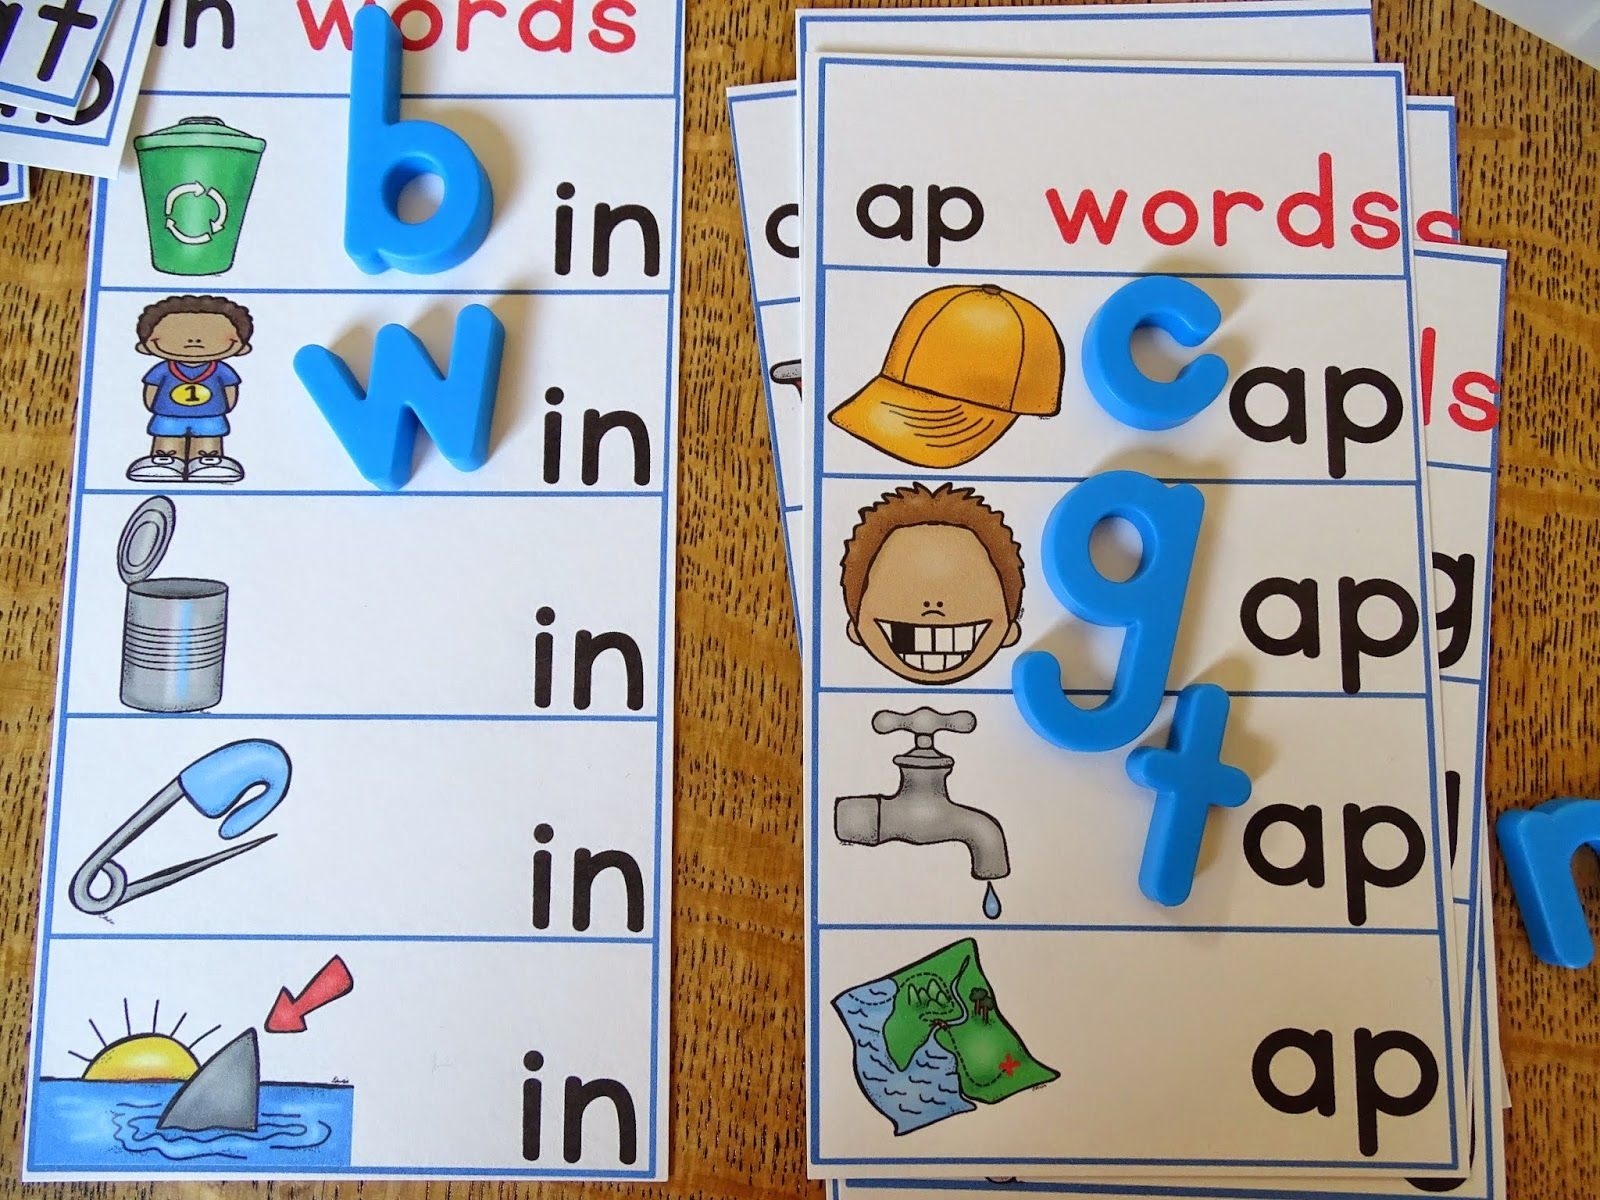 Word Families Word Families Word Family Activities Words [ 1200 x 1600 Pixel ]